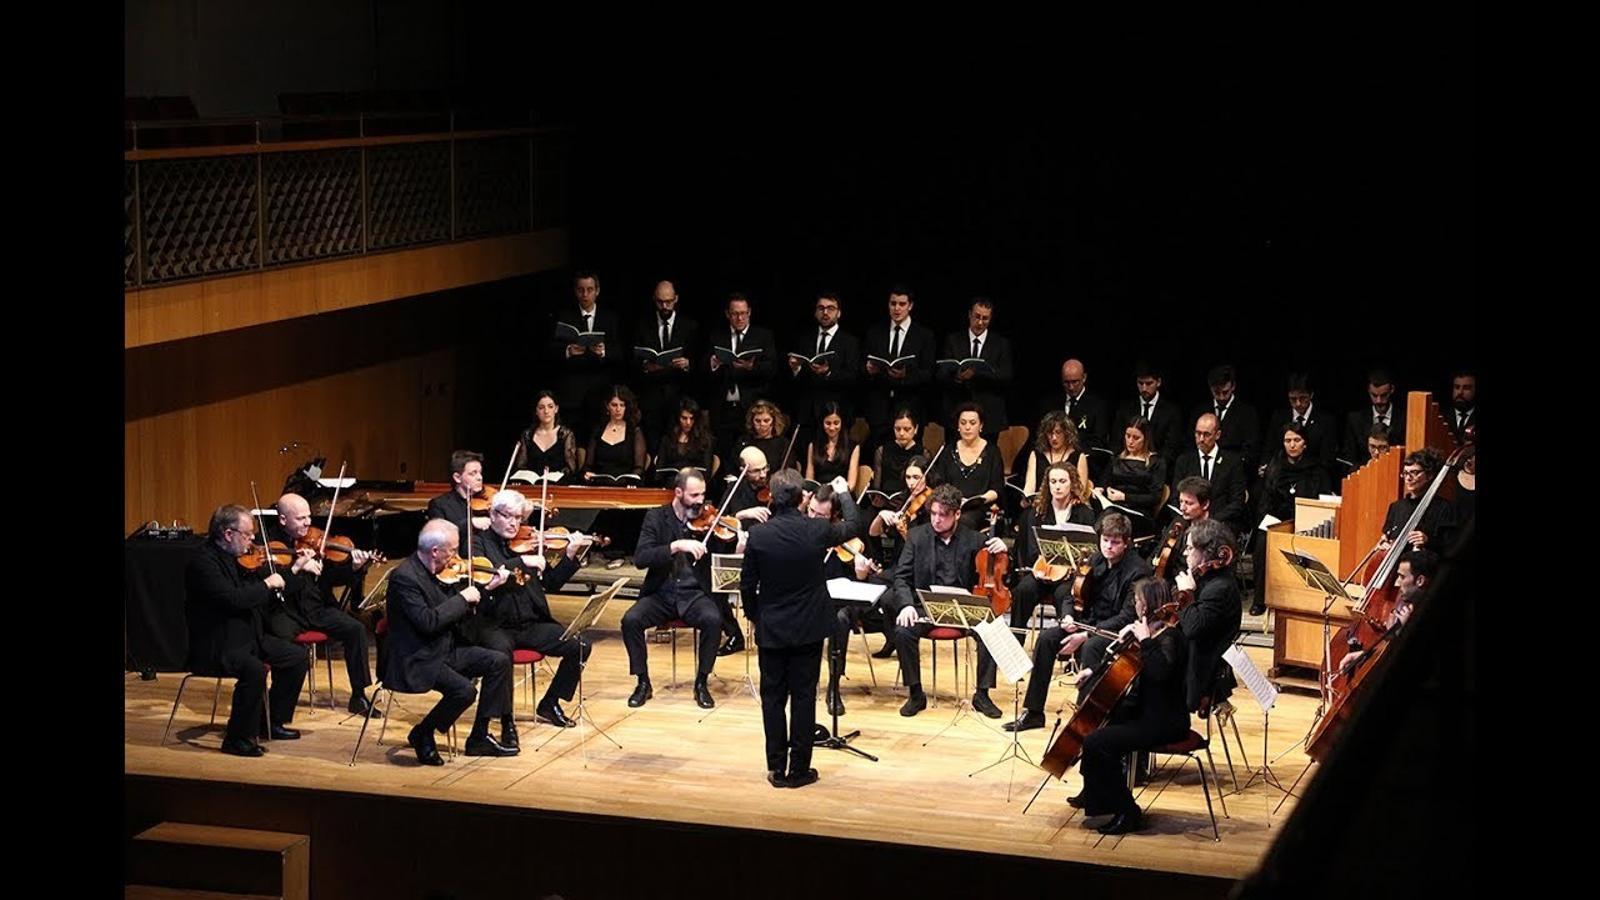 Diàleg musical entre Bach i Arvo Pärt